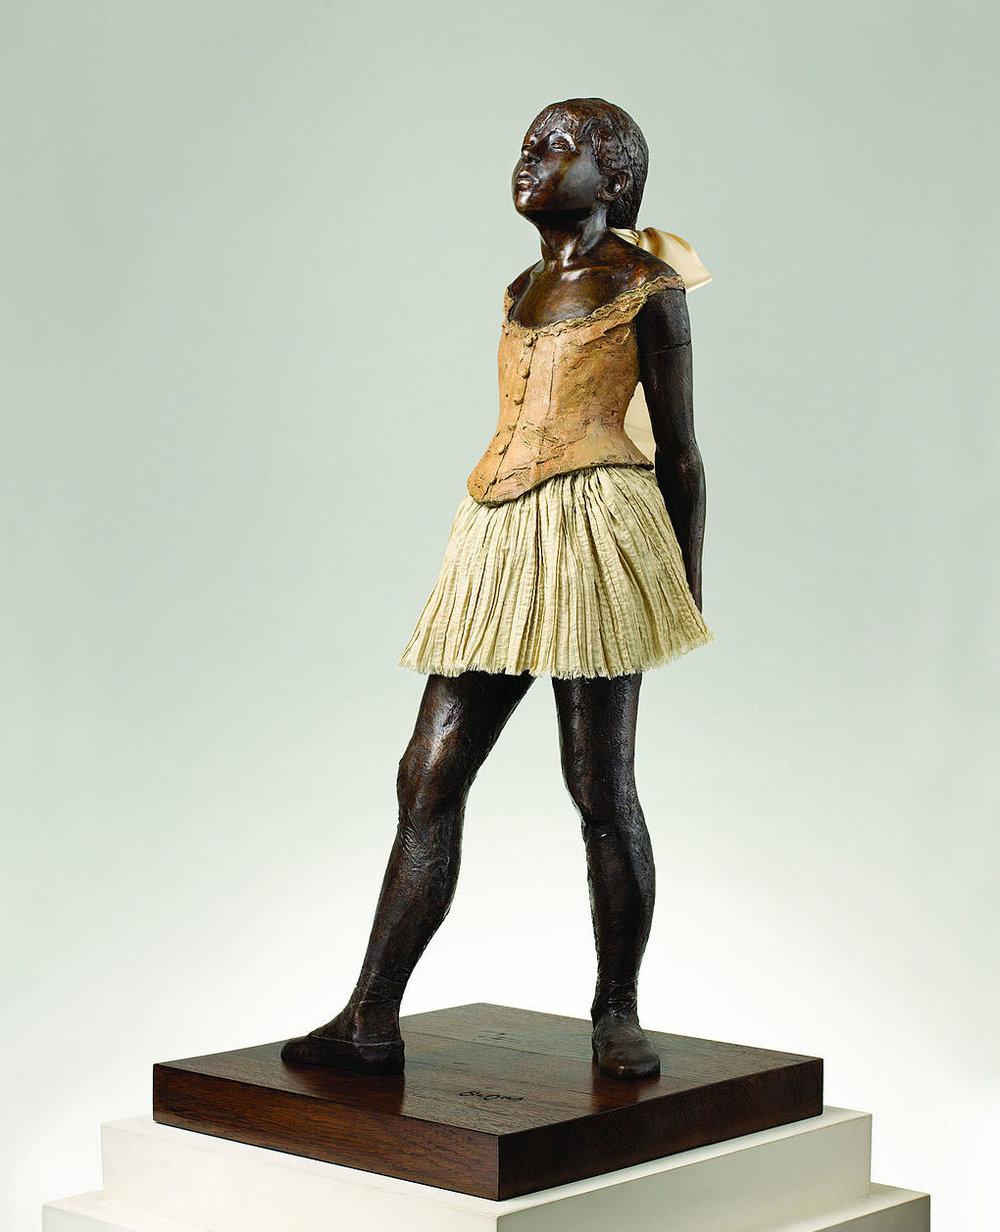 Edgar_Degas_La_Petite_Danseuse_de_Quatorze_Ans_cast_in_1997.jpg